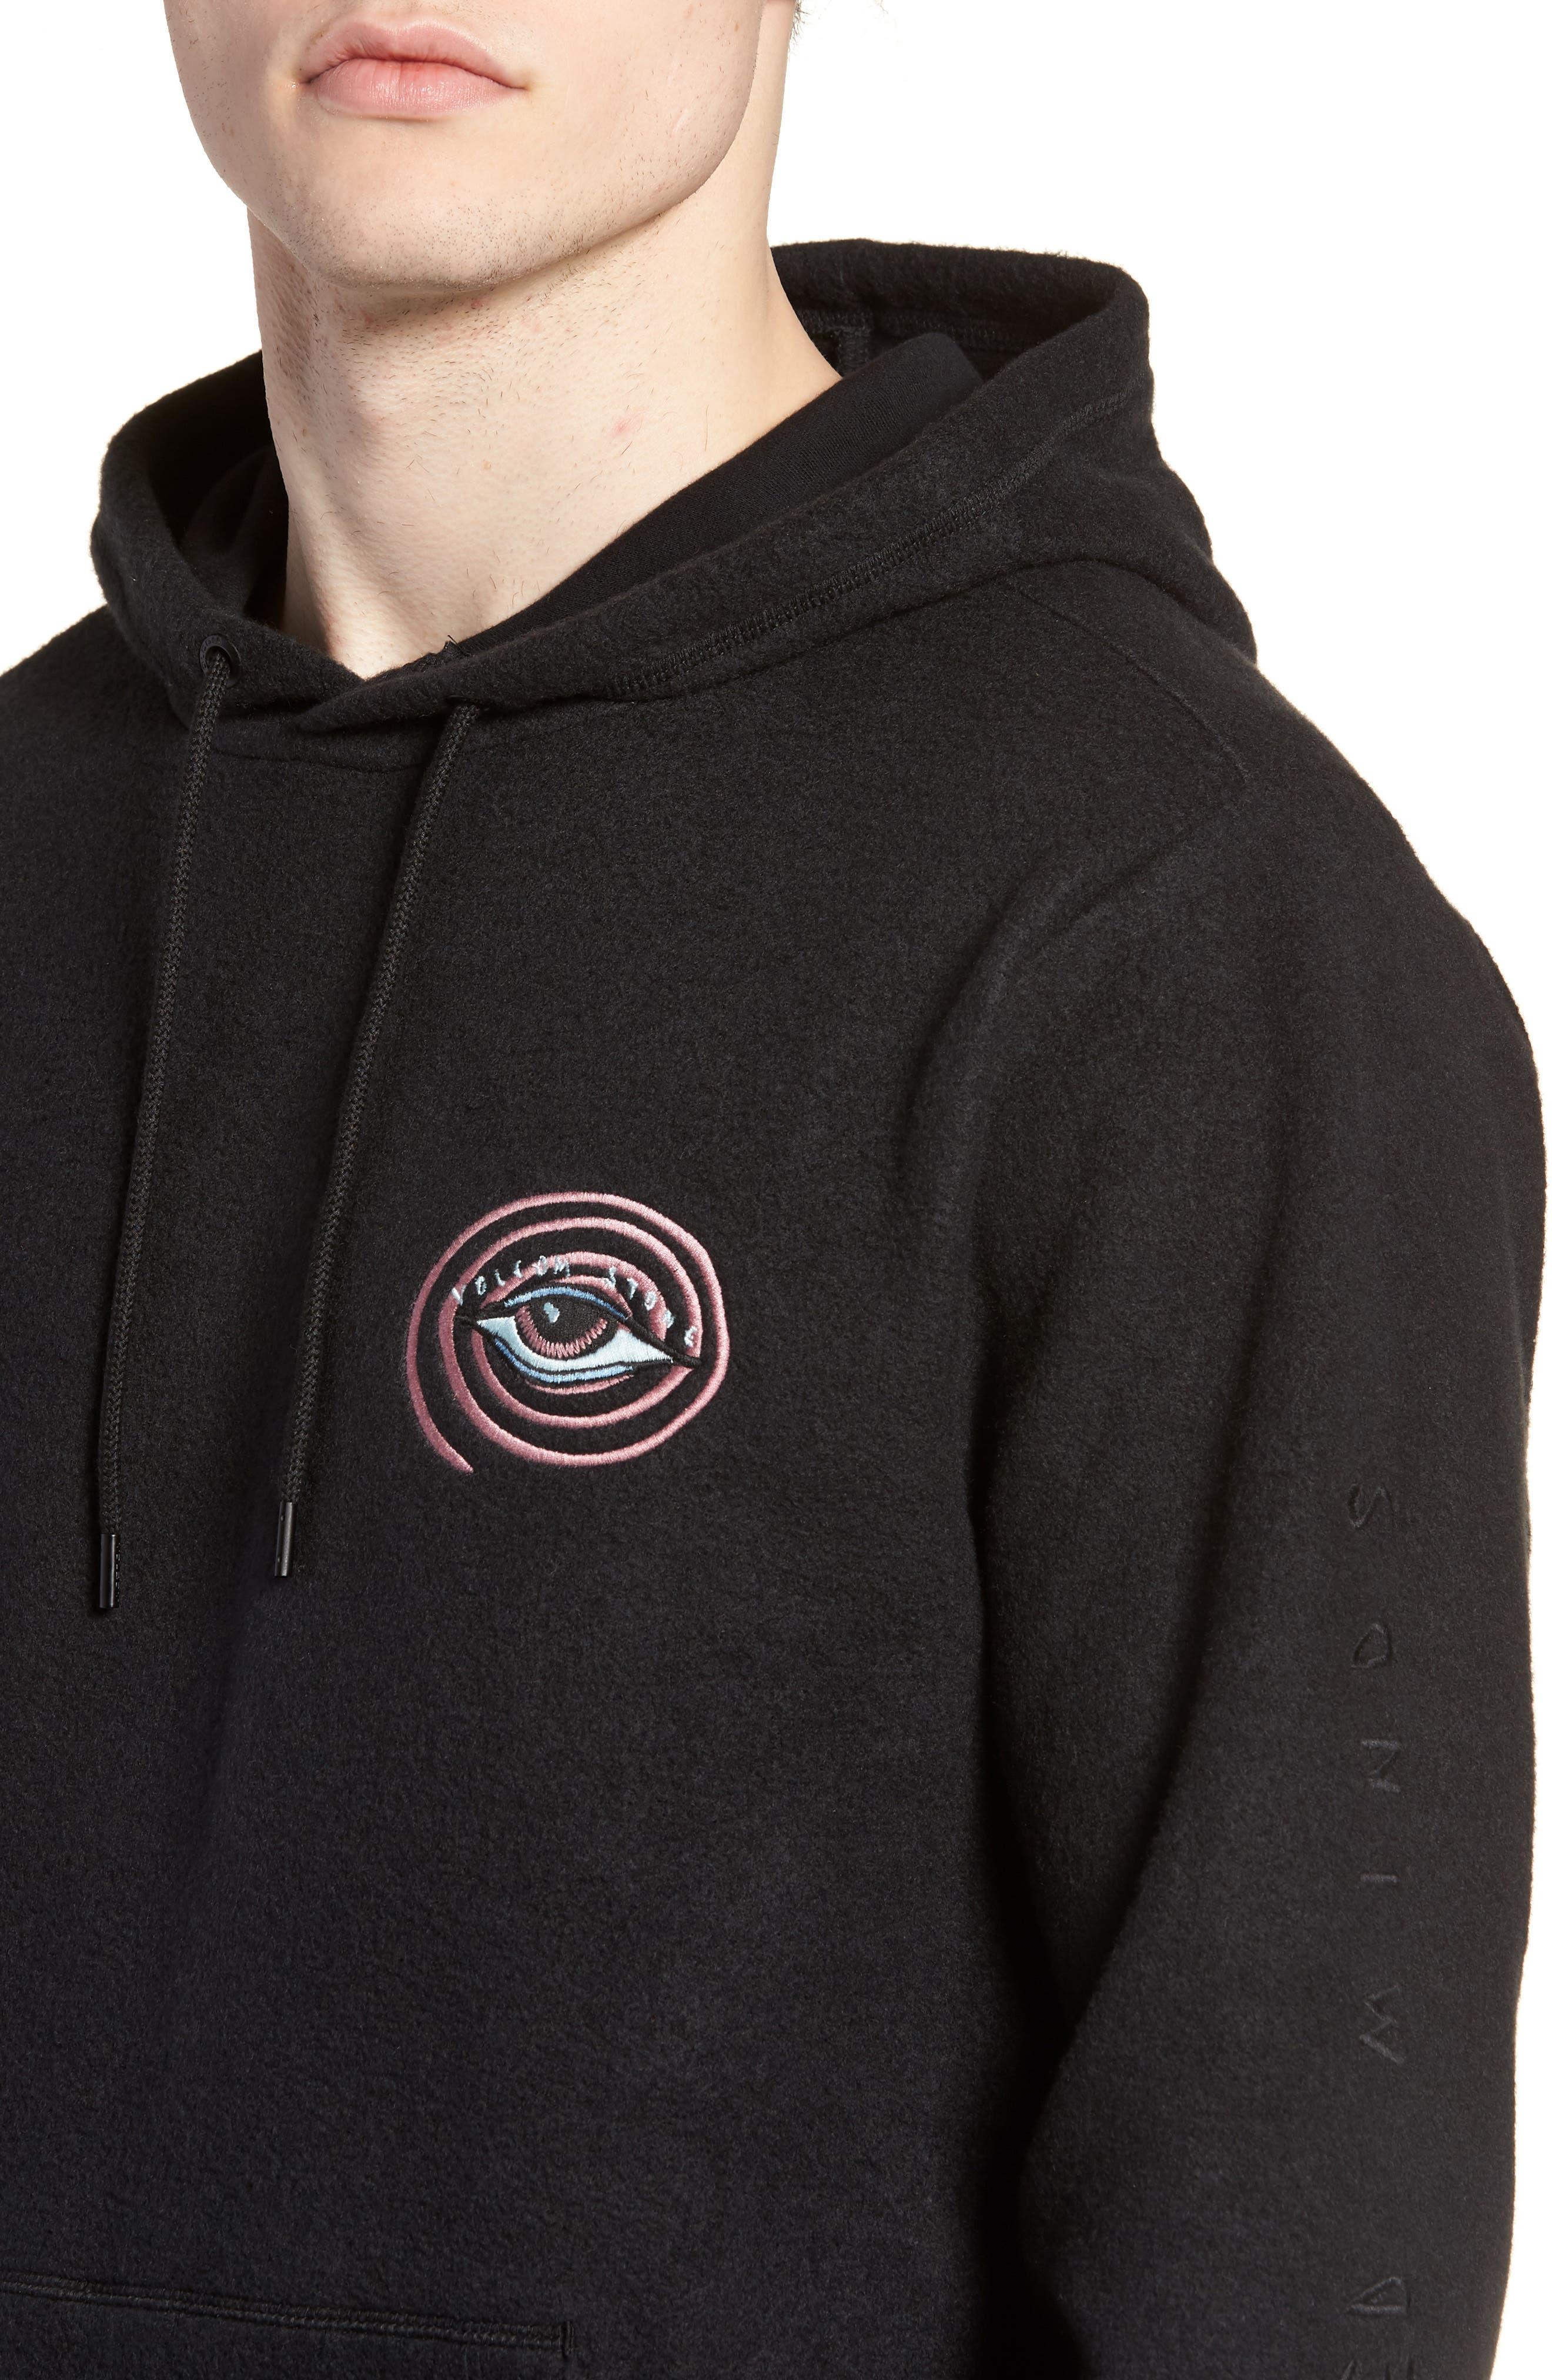 Burch Eye Hoodie Sweatshirt,                             Alternate thumbnail 4, color,                             Black